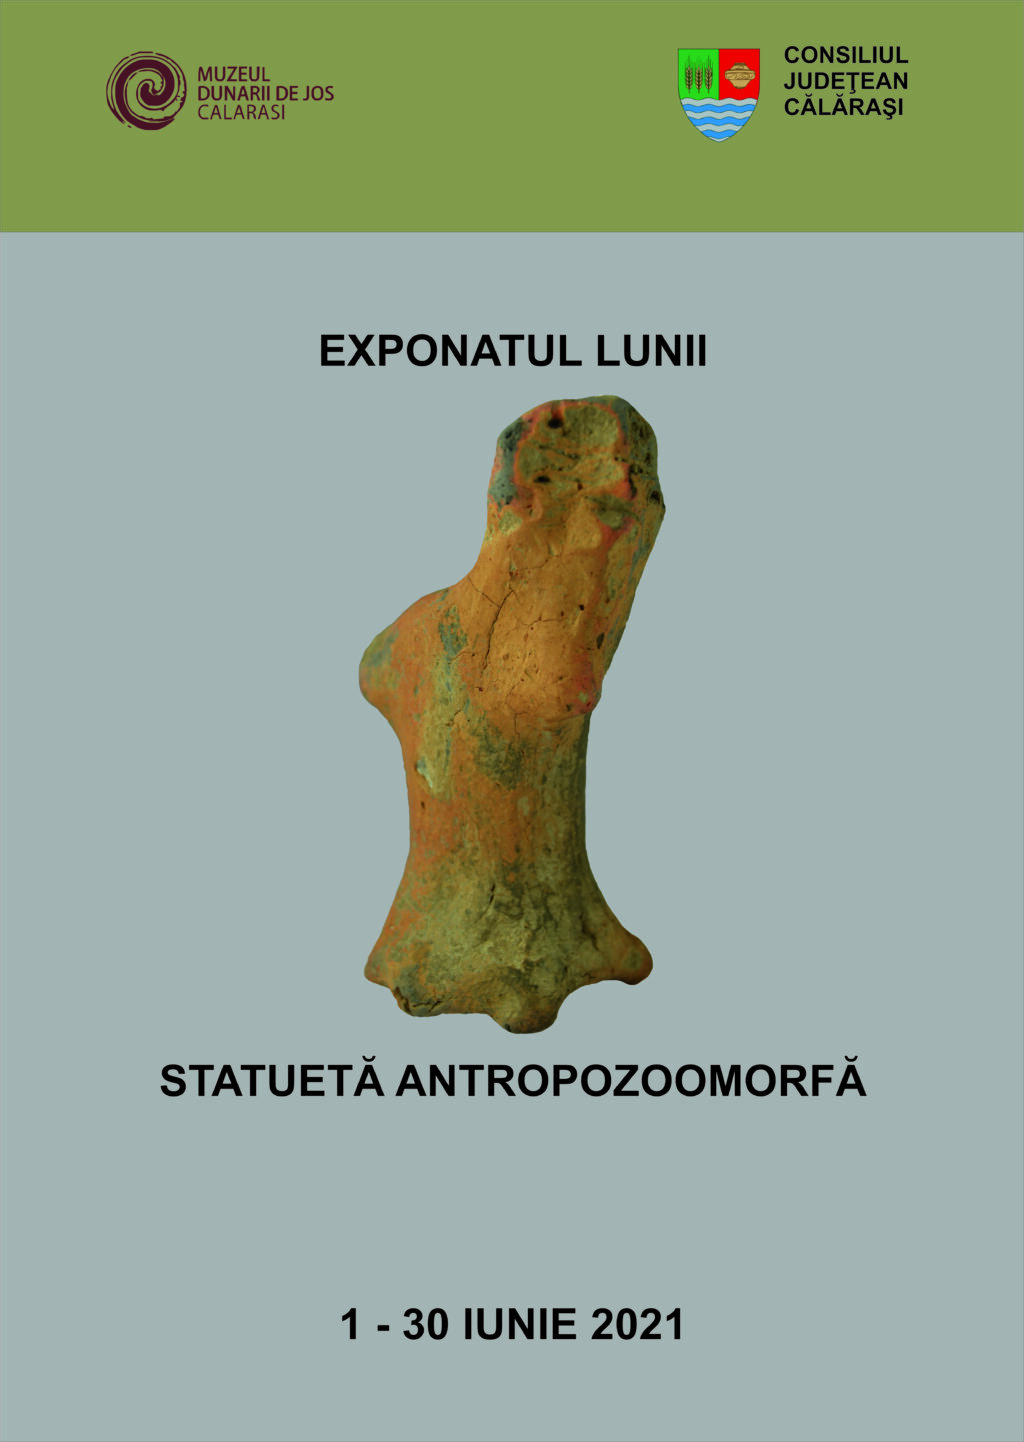 Statueta Antropozoomorfa